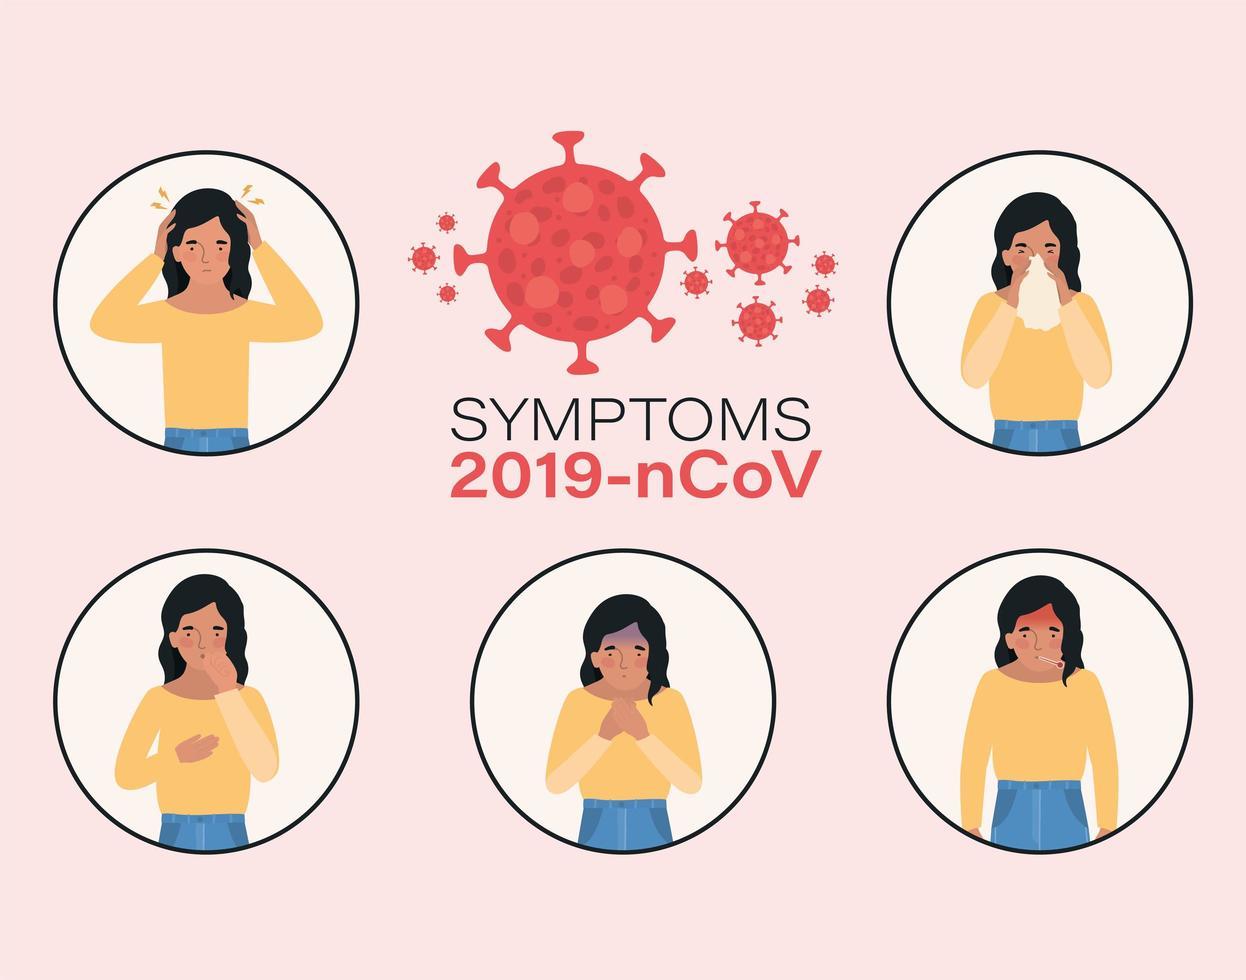 avatar kvinna med 2019 ncov virus symptom design vektor